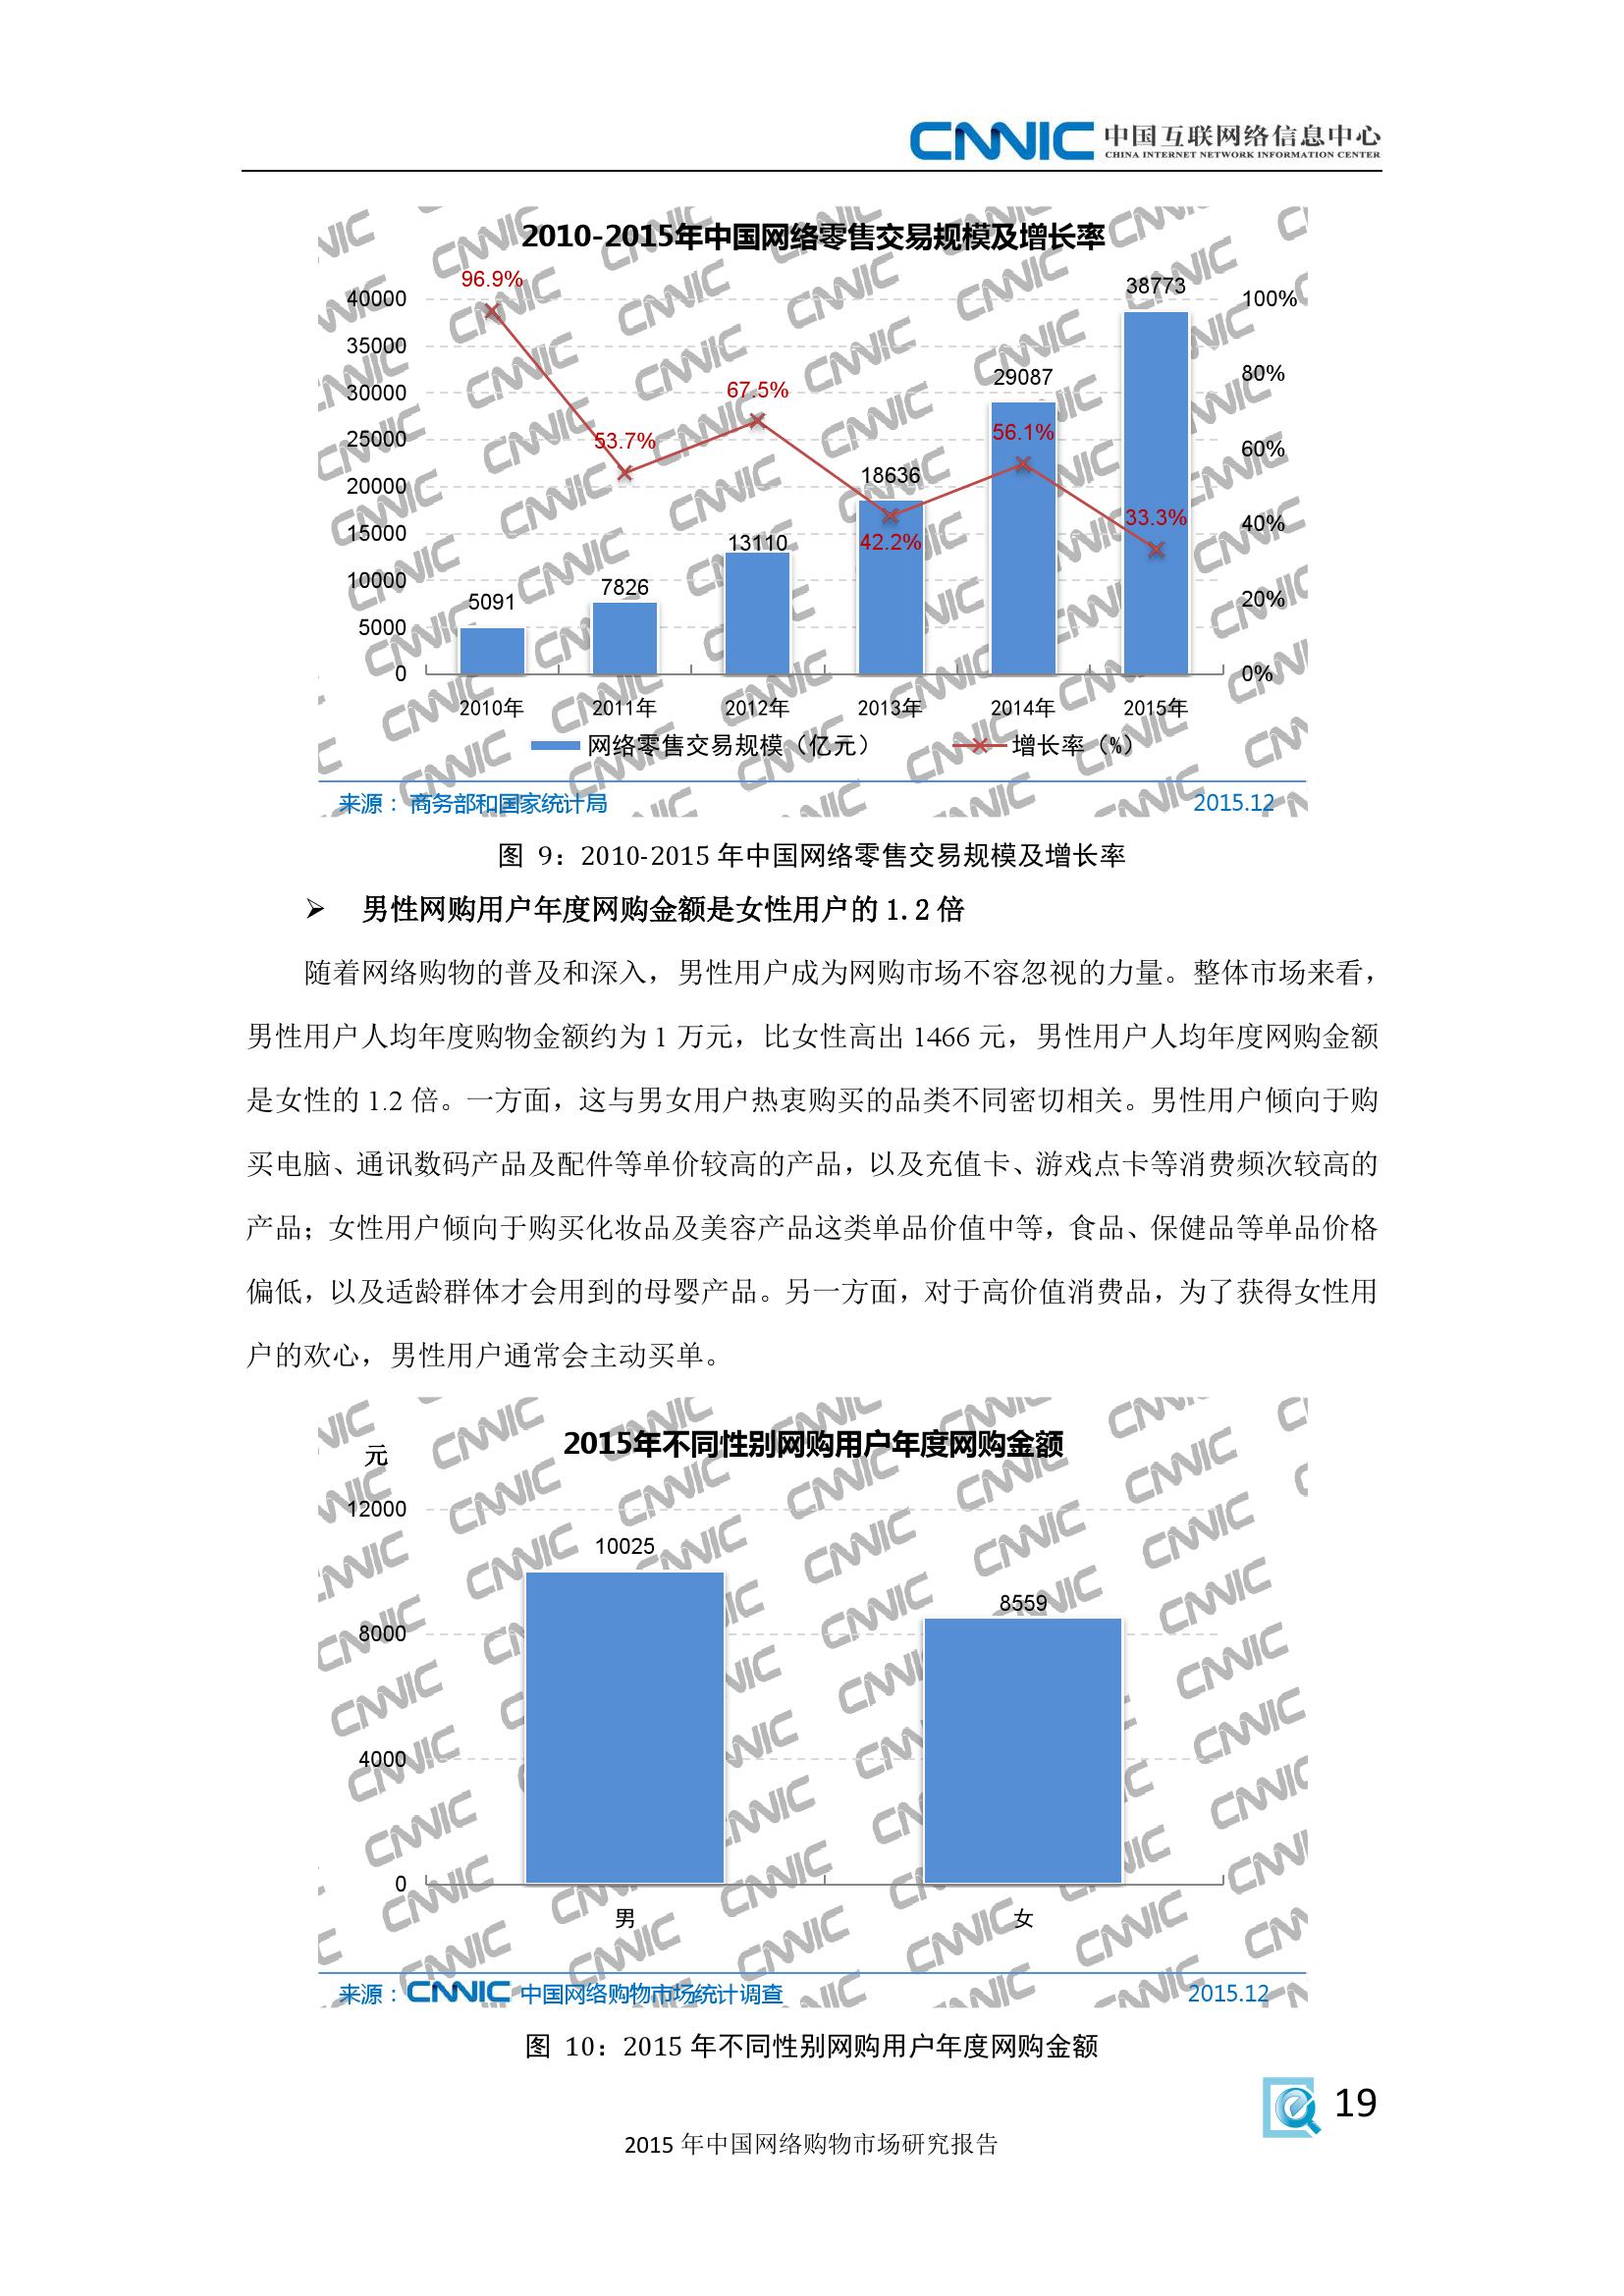 2015年中国网络购物市场研究报告_000027